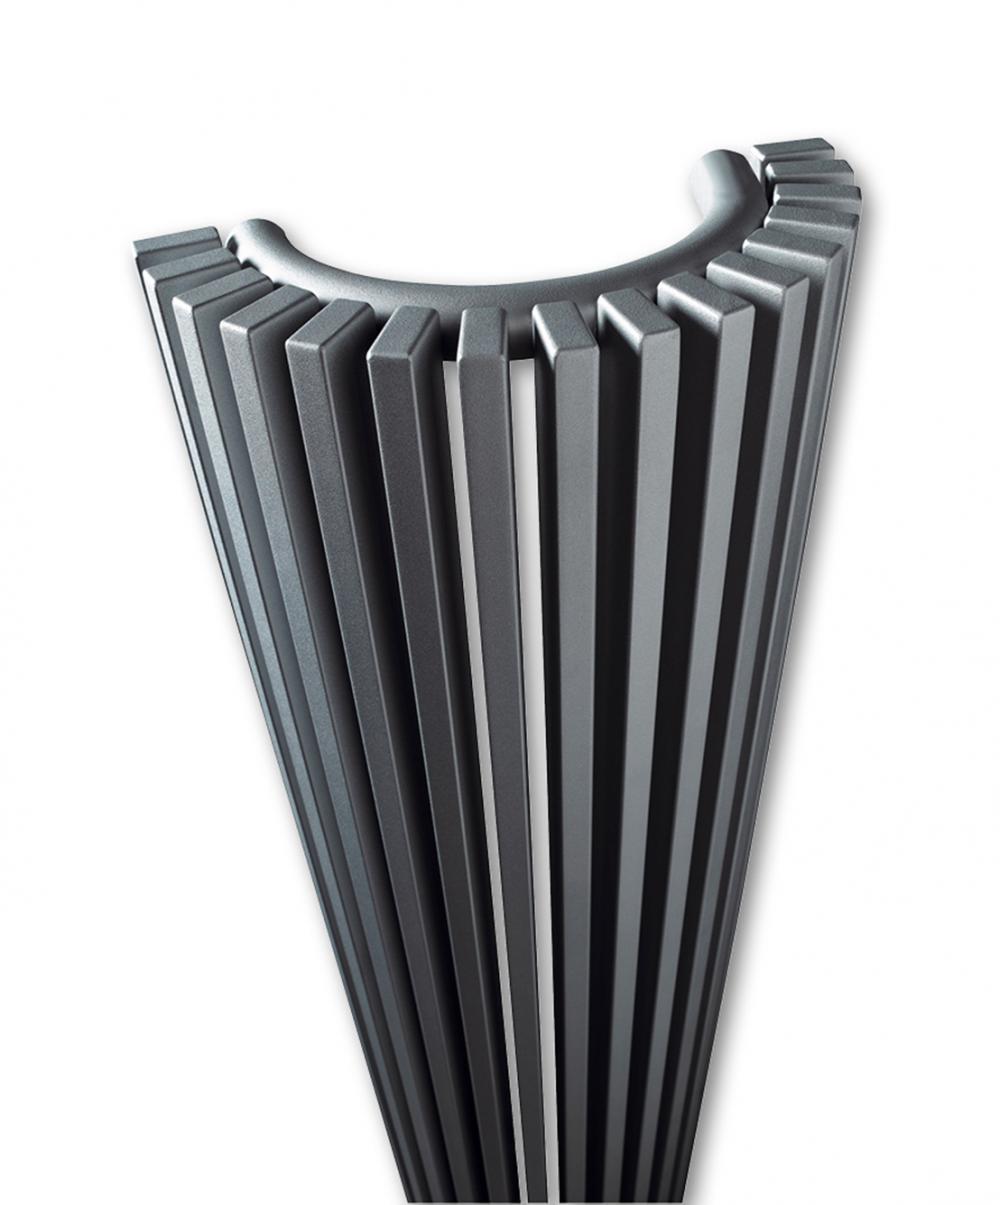 Calorifere decorative semirotunde Vasco Zana ZV-O 1800x473 mm, 2094 W